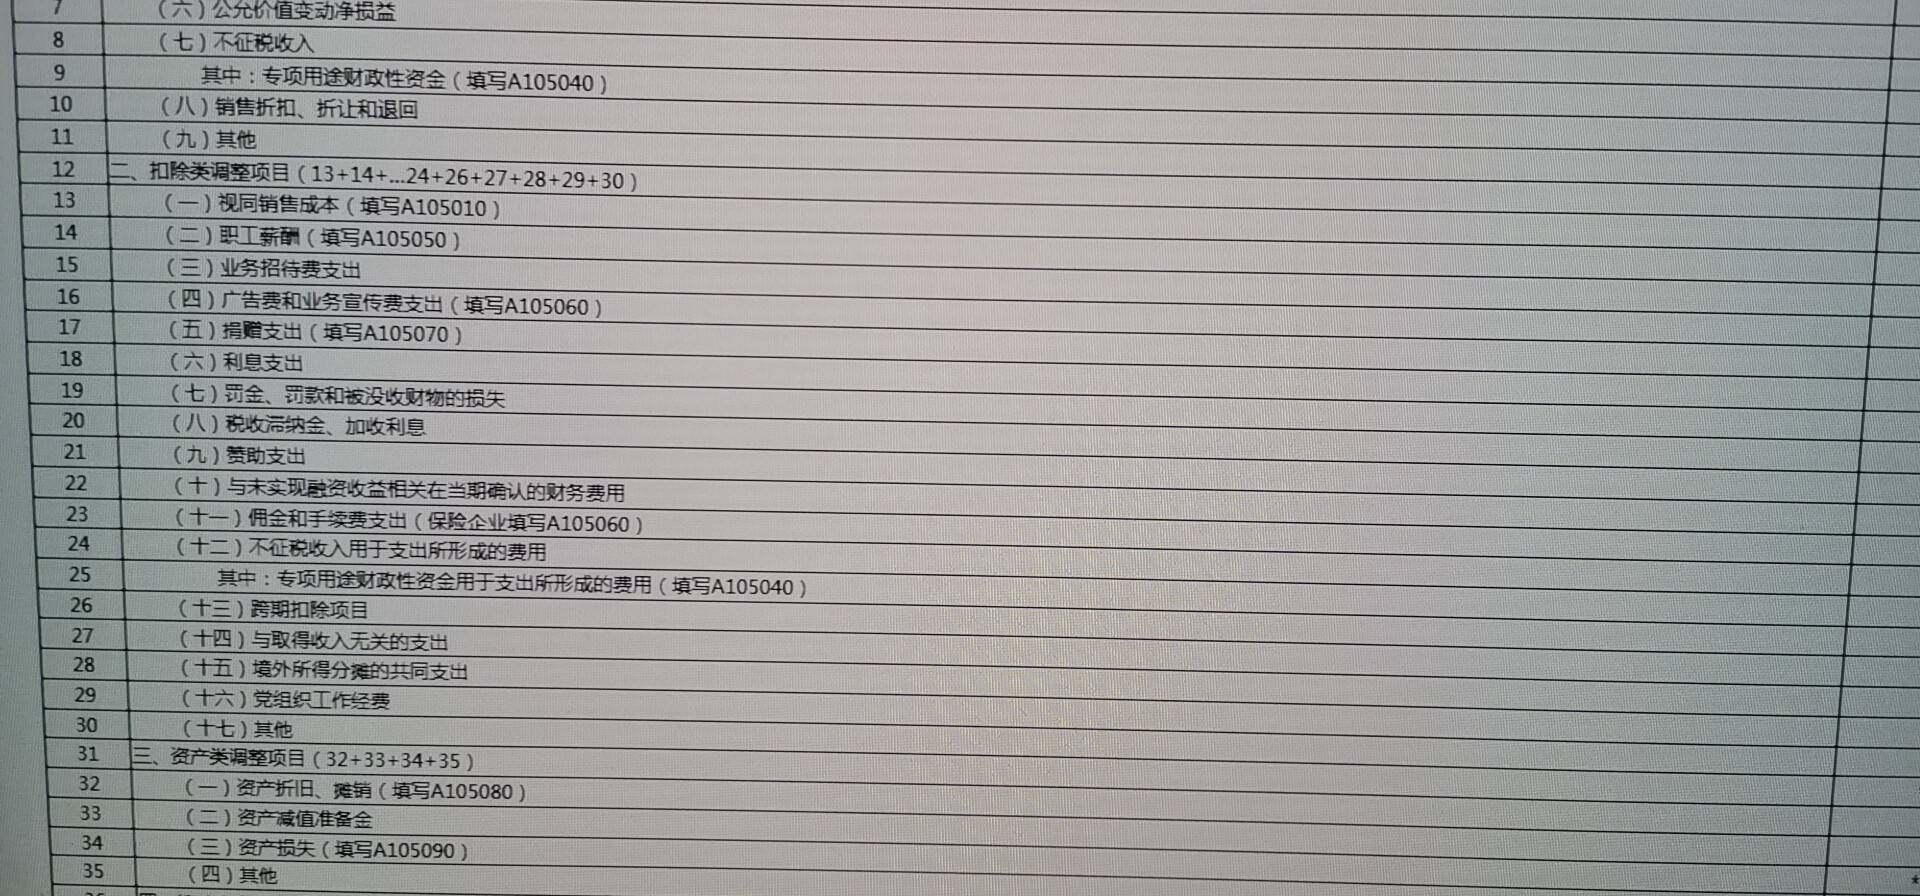 老师如果更正的话是不是在这图片表格的26行跨期扣除项目那行填写呀?